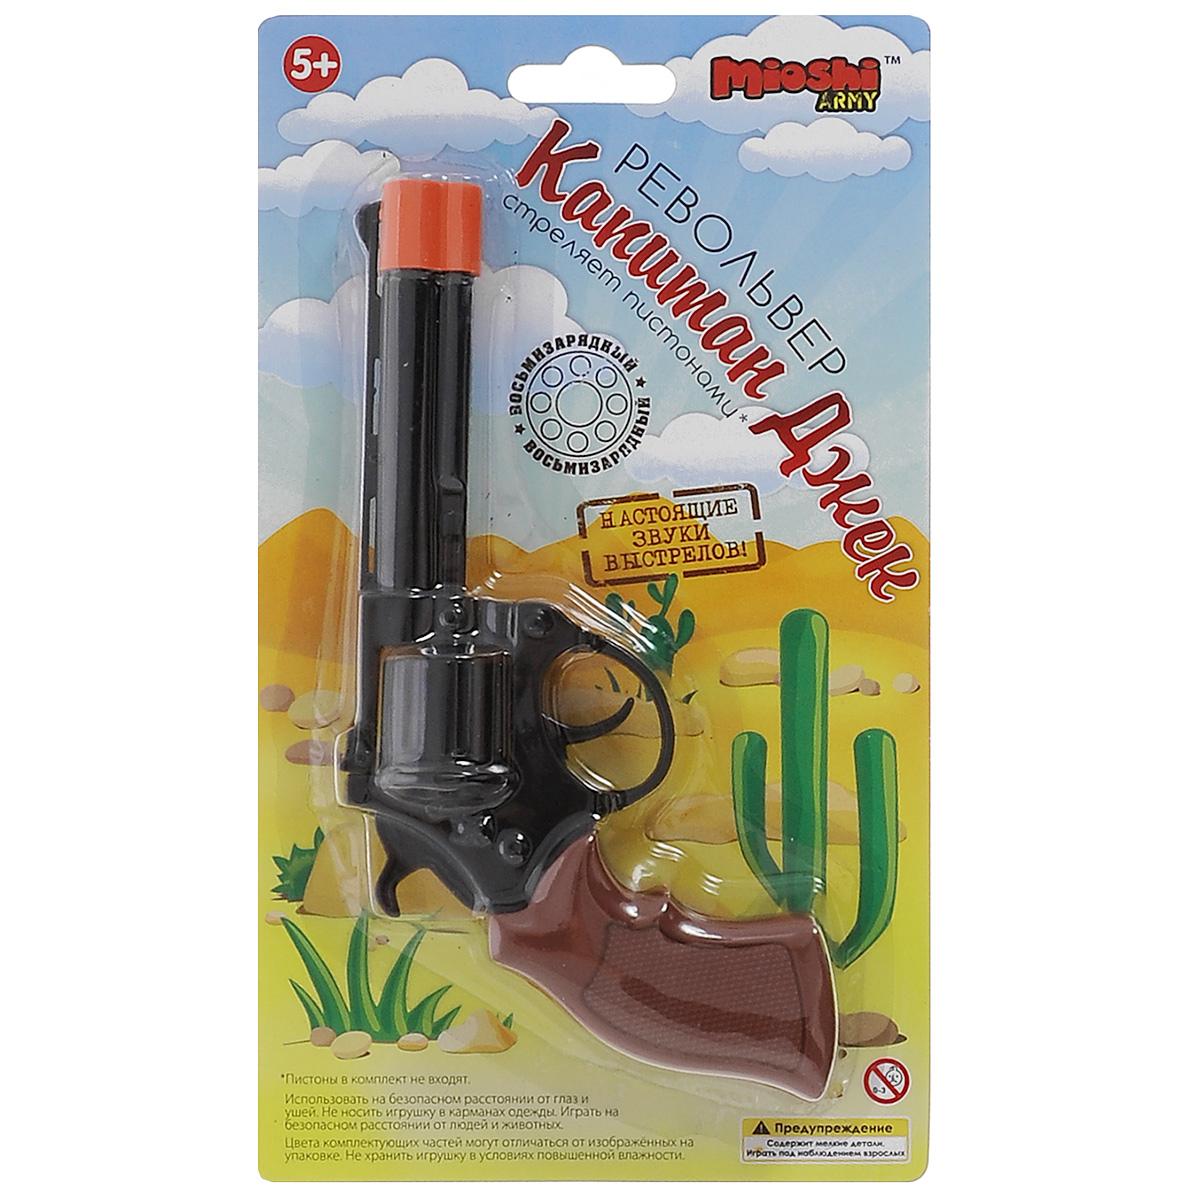 Револьвер Mioshi Army Капитан Джэк, цвет: черный, коричневыйMAR1107-007Восьмизарядный револьвер с пистонами Капитан Джэк - это одновременно функциональная и безопасная игрушка. Сильный хлопок, похожий на звук настоящего выстрела, реалистичный дизайн оружия - все это не оставит равнодушным ни одного мальчика! Корпус и барабан пистолета выполнены из прочного металла.